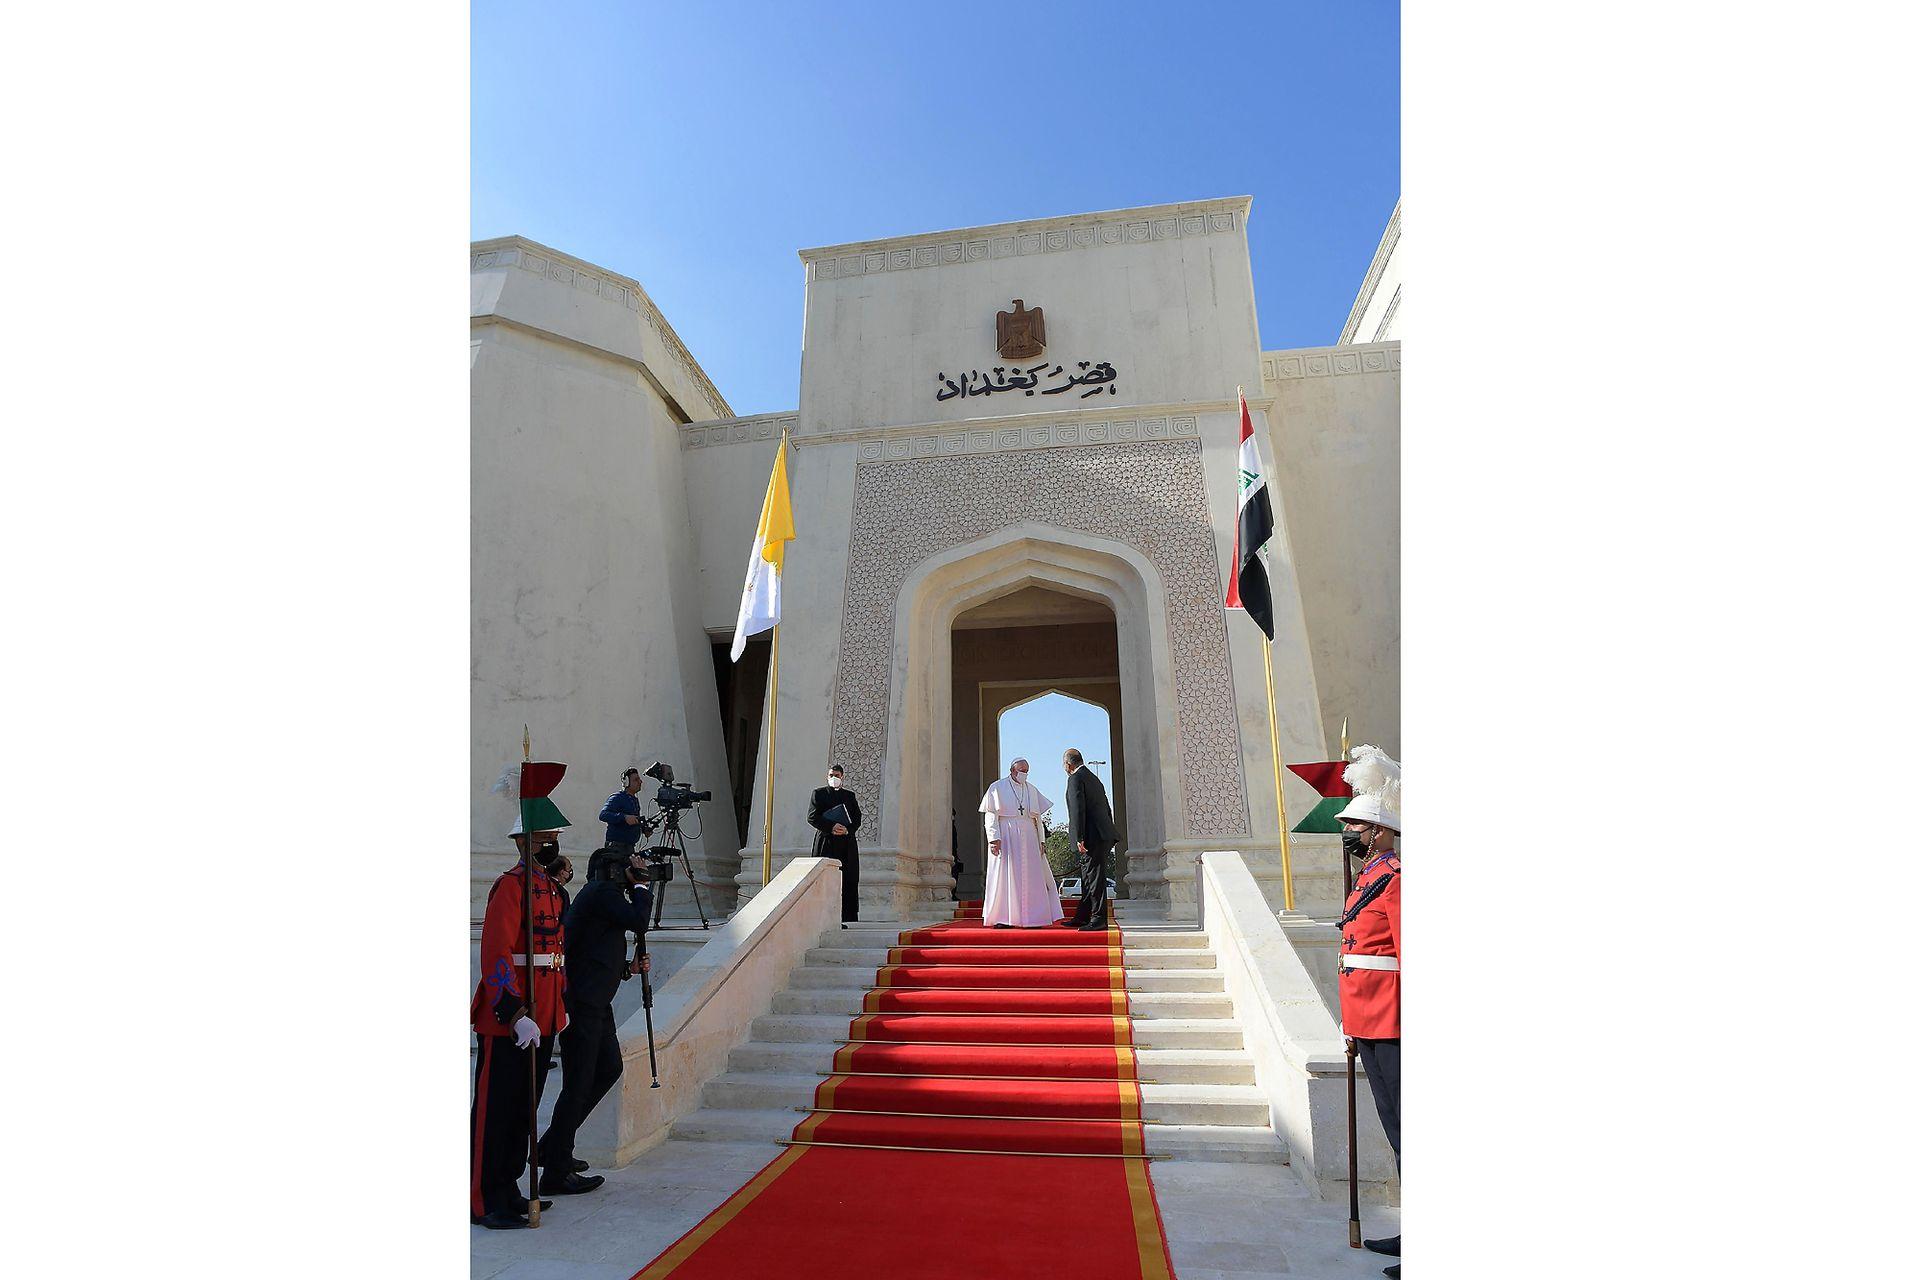 El presidente iraquí Barham Saleh dando la bienvenida al Papa Francisco en el palacio presidencial en la Zona Verde de Bagdad